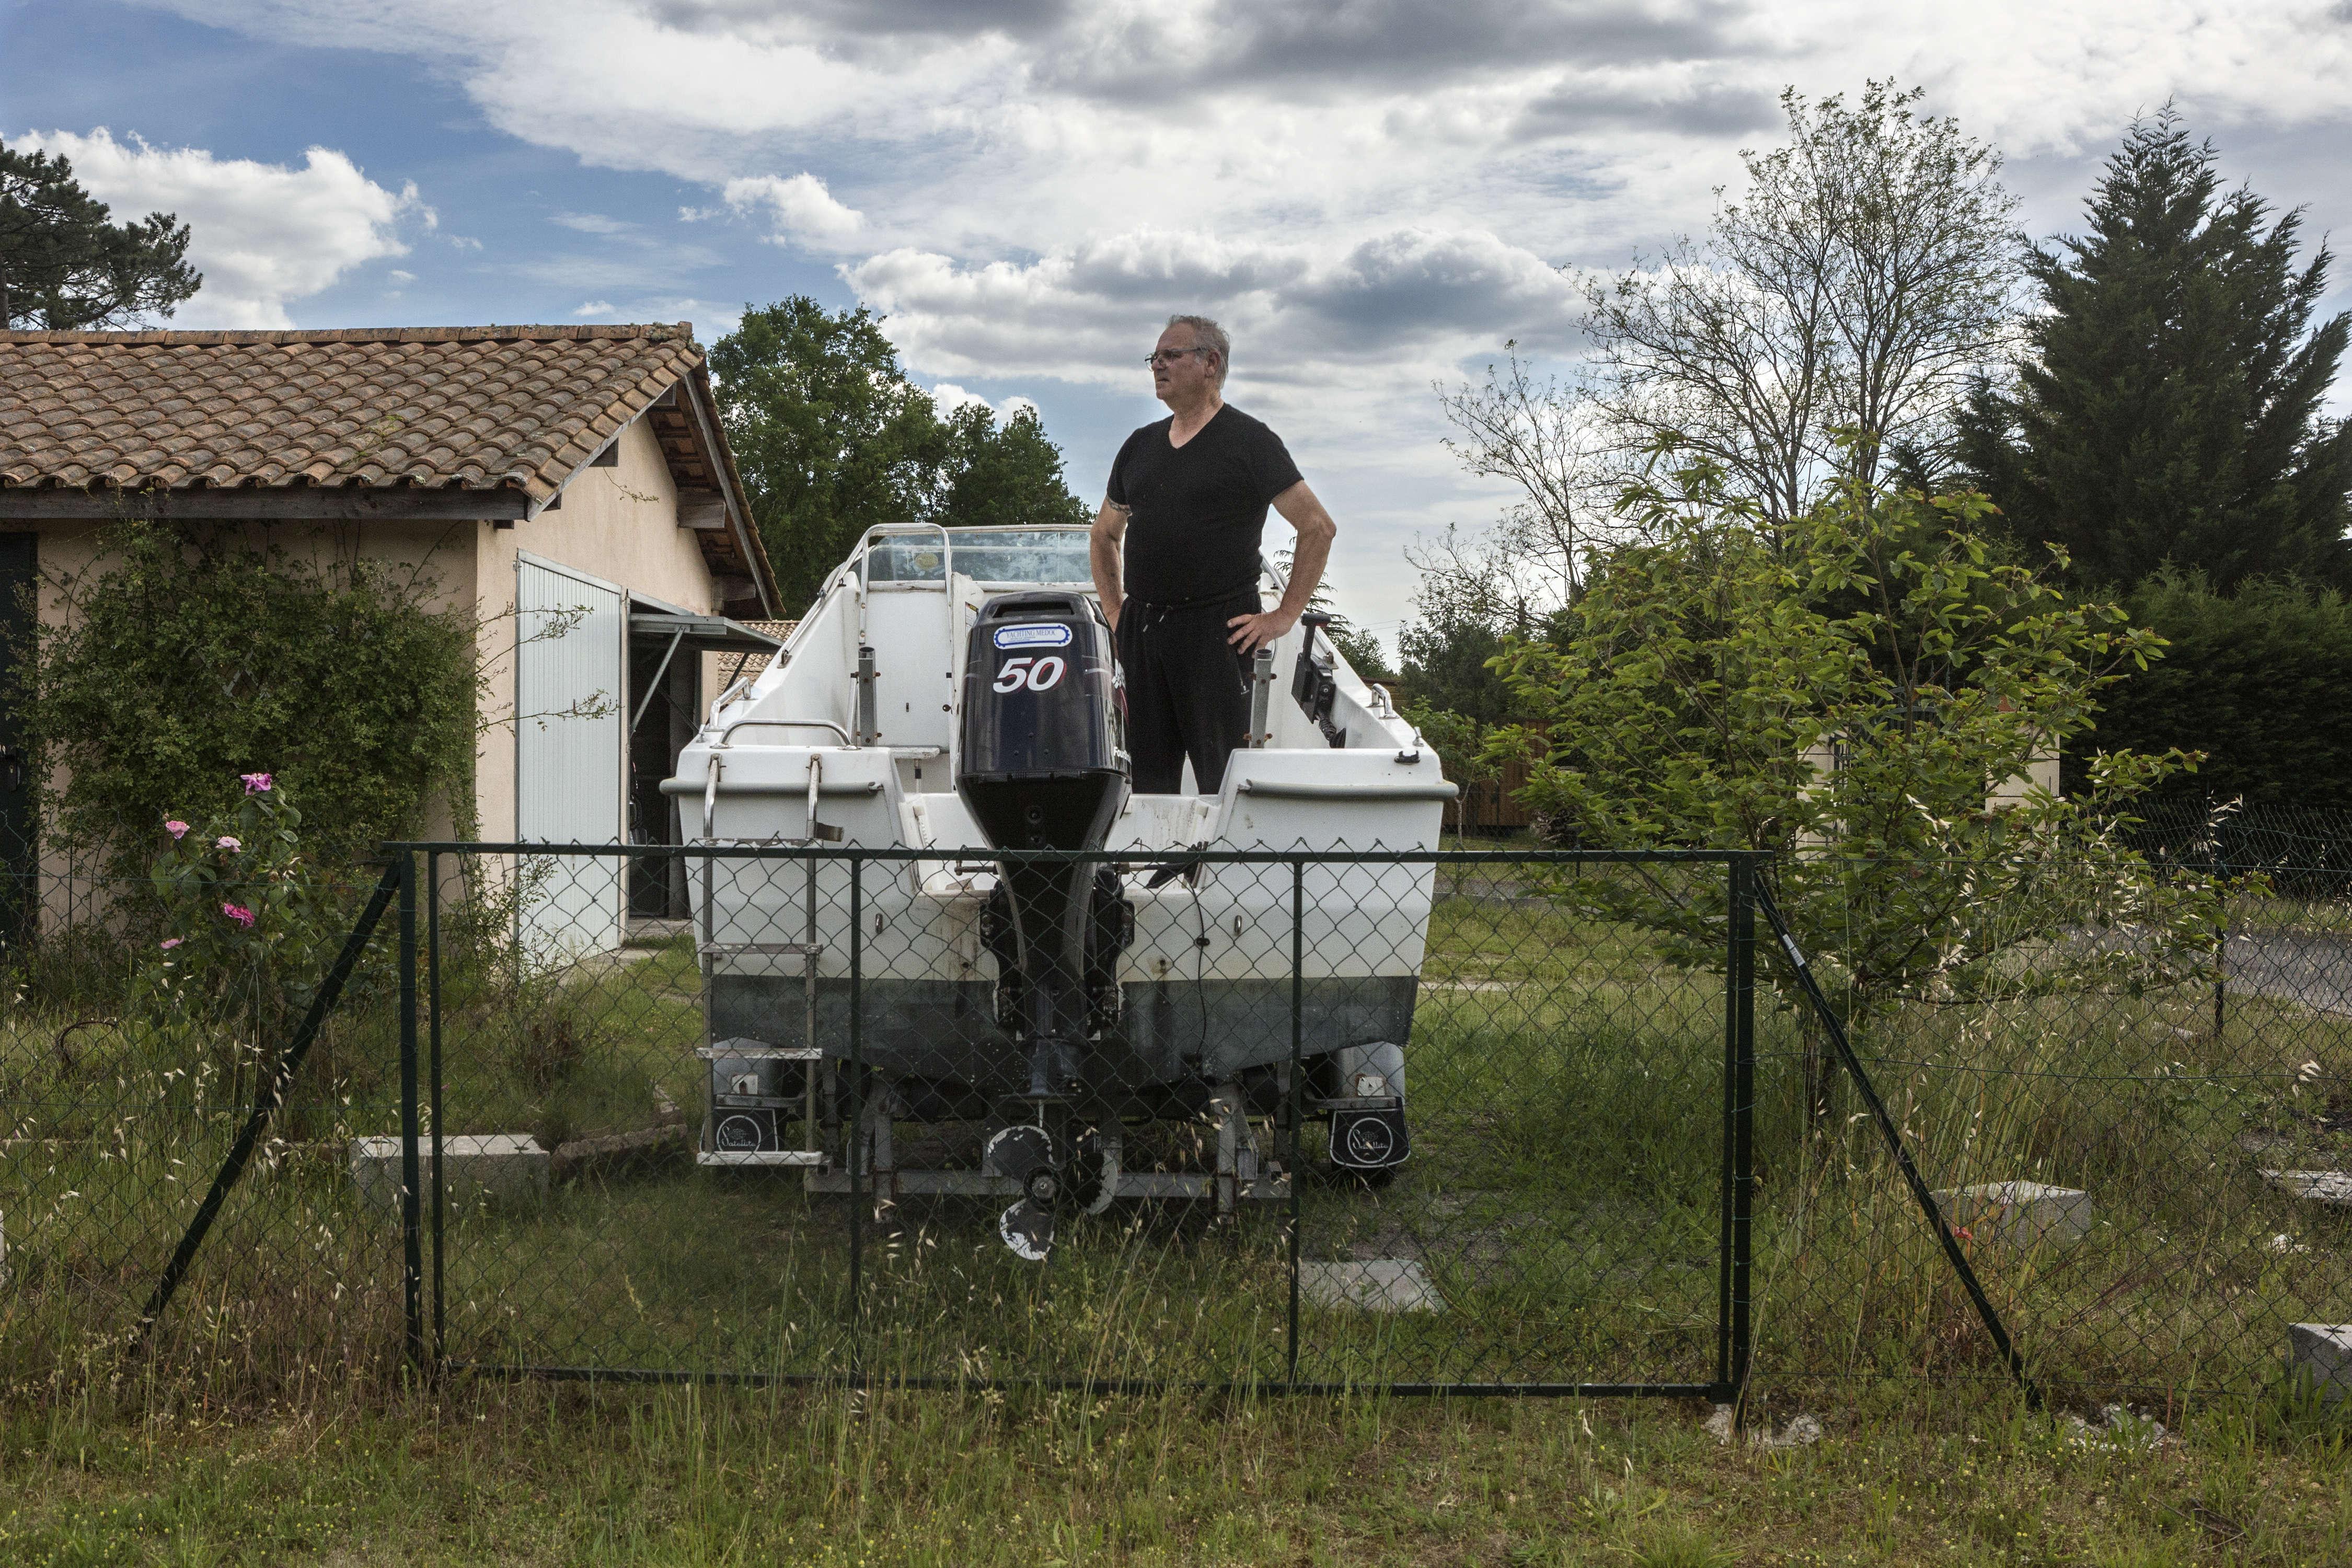 Venu de la région parisienne, Daniel, retraité, est venu s'installer à Belin-Béliet il y a huit ans. Il a fait construire sa maison sur le site de l'ancienne usine de vélos Cazenave, fermée en 1975 . Au plus fort de son activité, l'entreprise possédait 35ha et une cité ouvrière de 50maisons, un cinéma, une cantine...